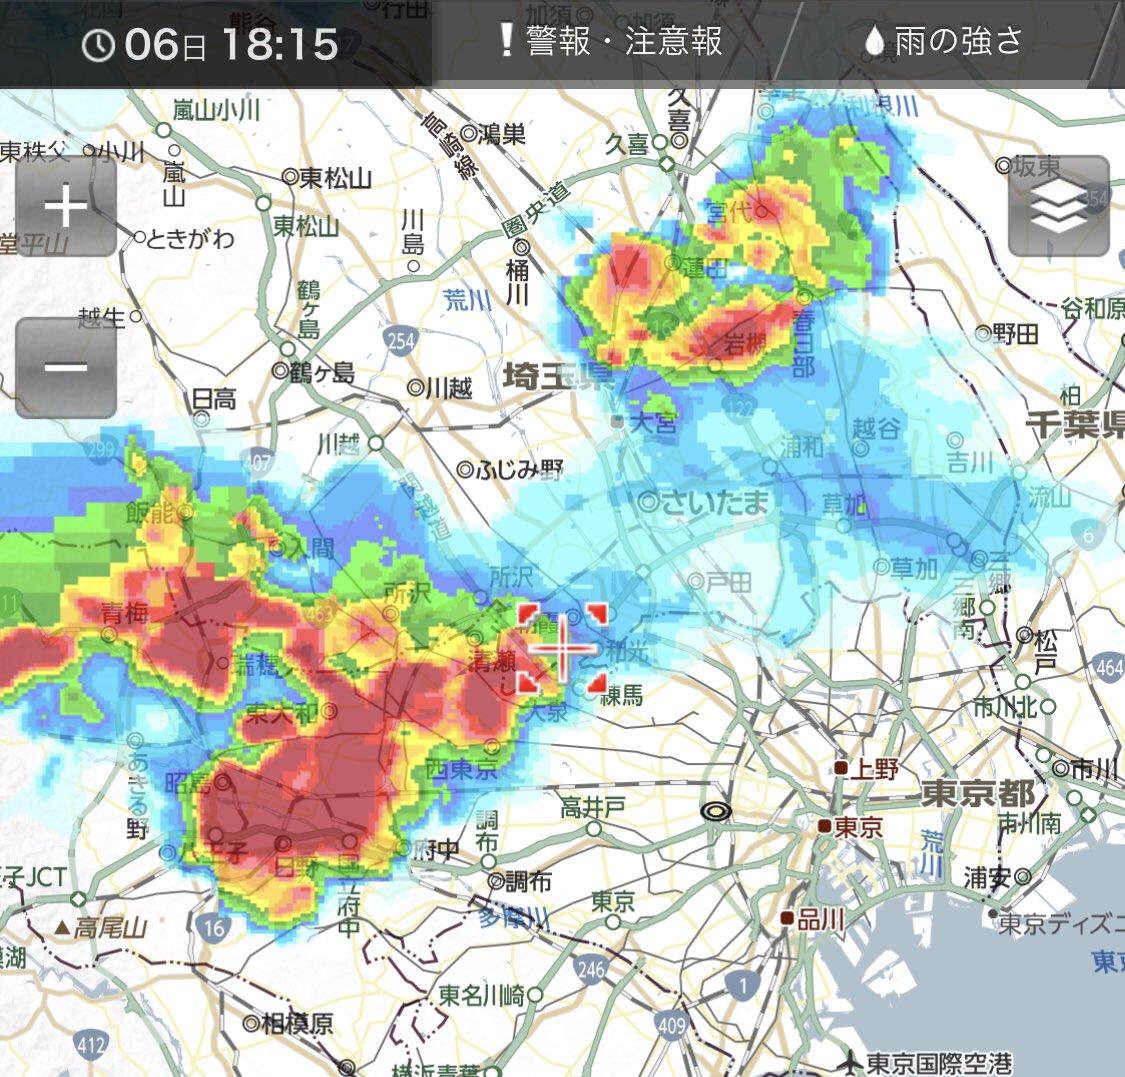 鴻巣 天気 雨雲 レーダー